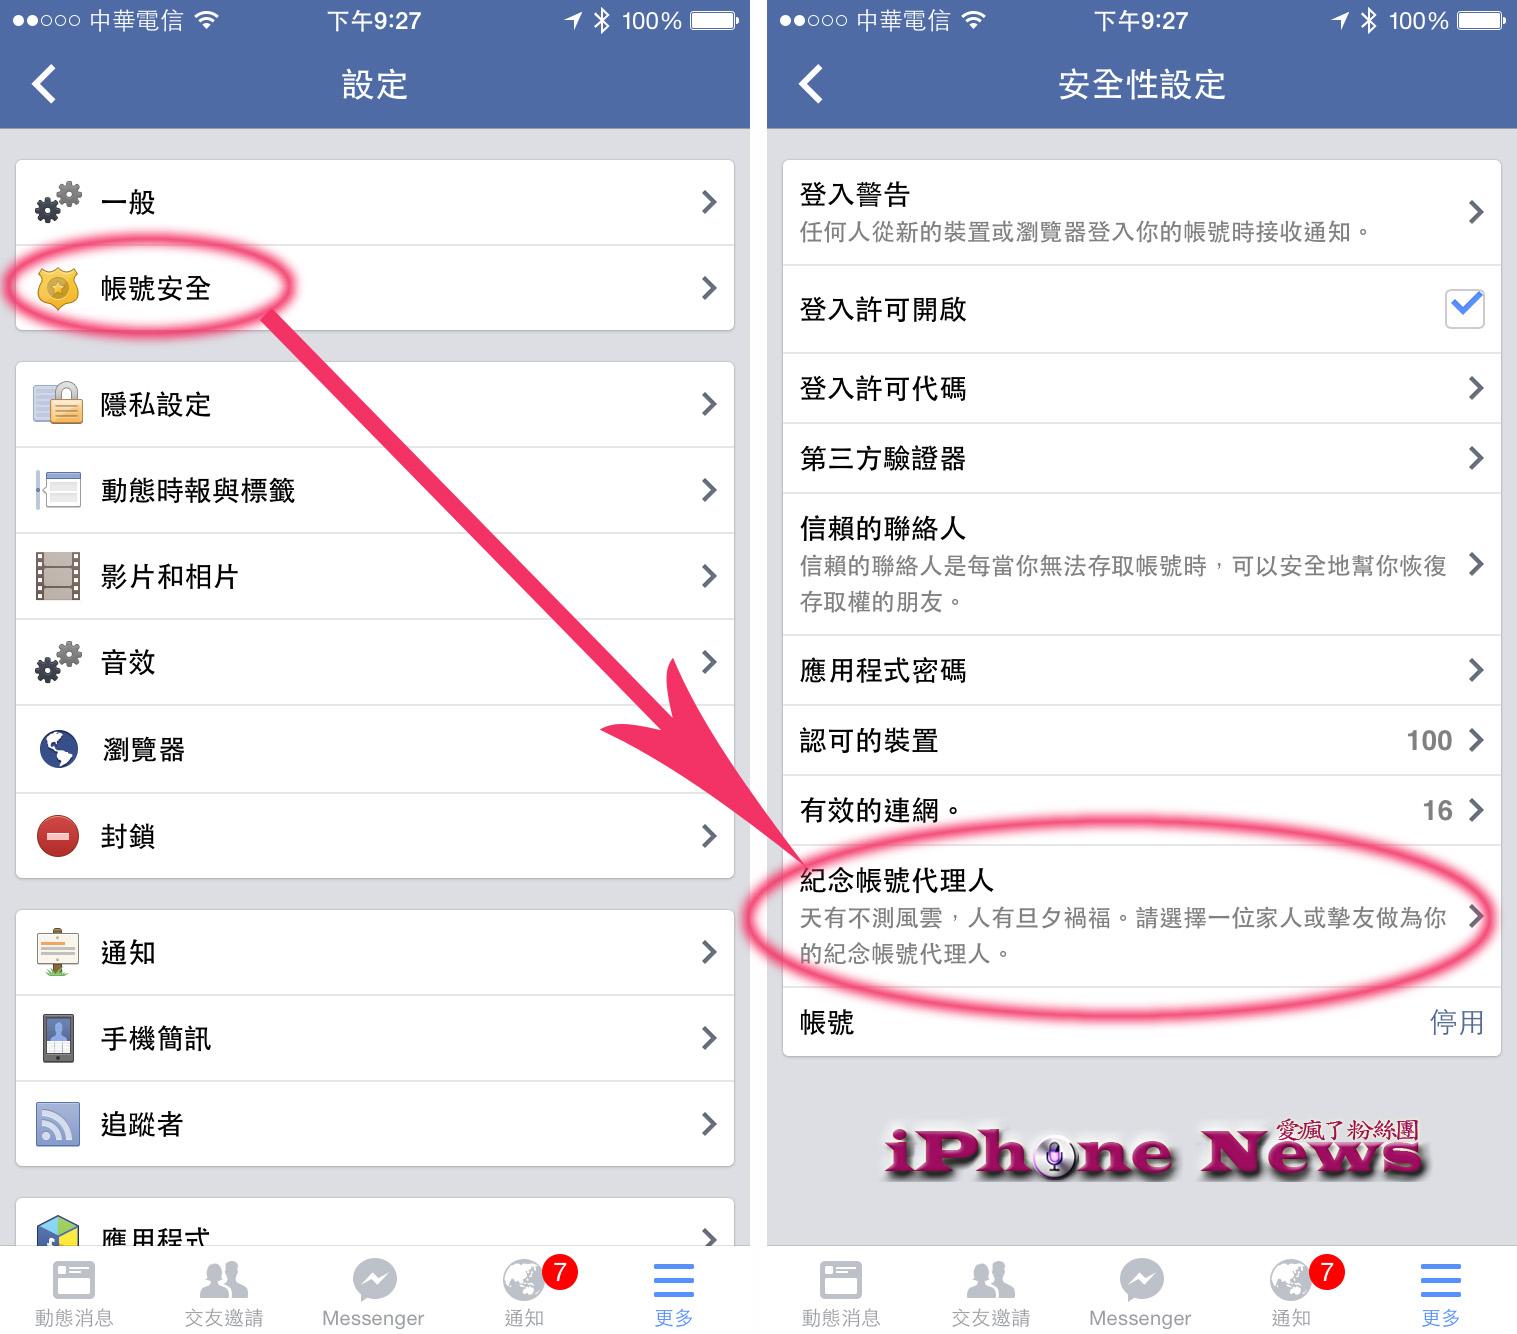 如果還有明天:請盡早指定 FB 臉書紀念帳號代理人 | iPhone News 愛瘋了